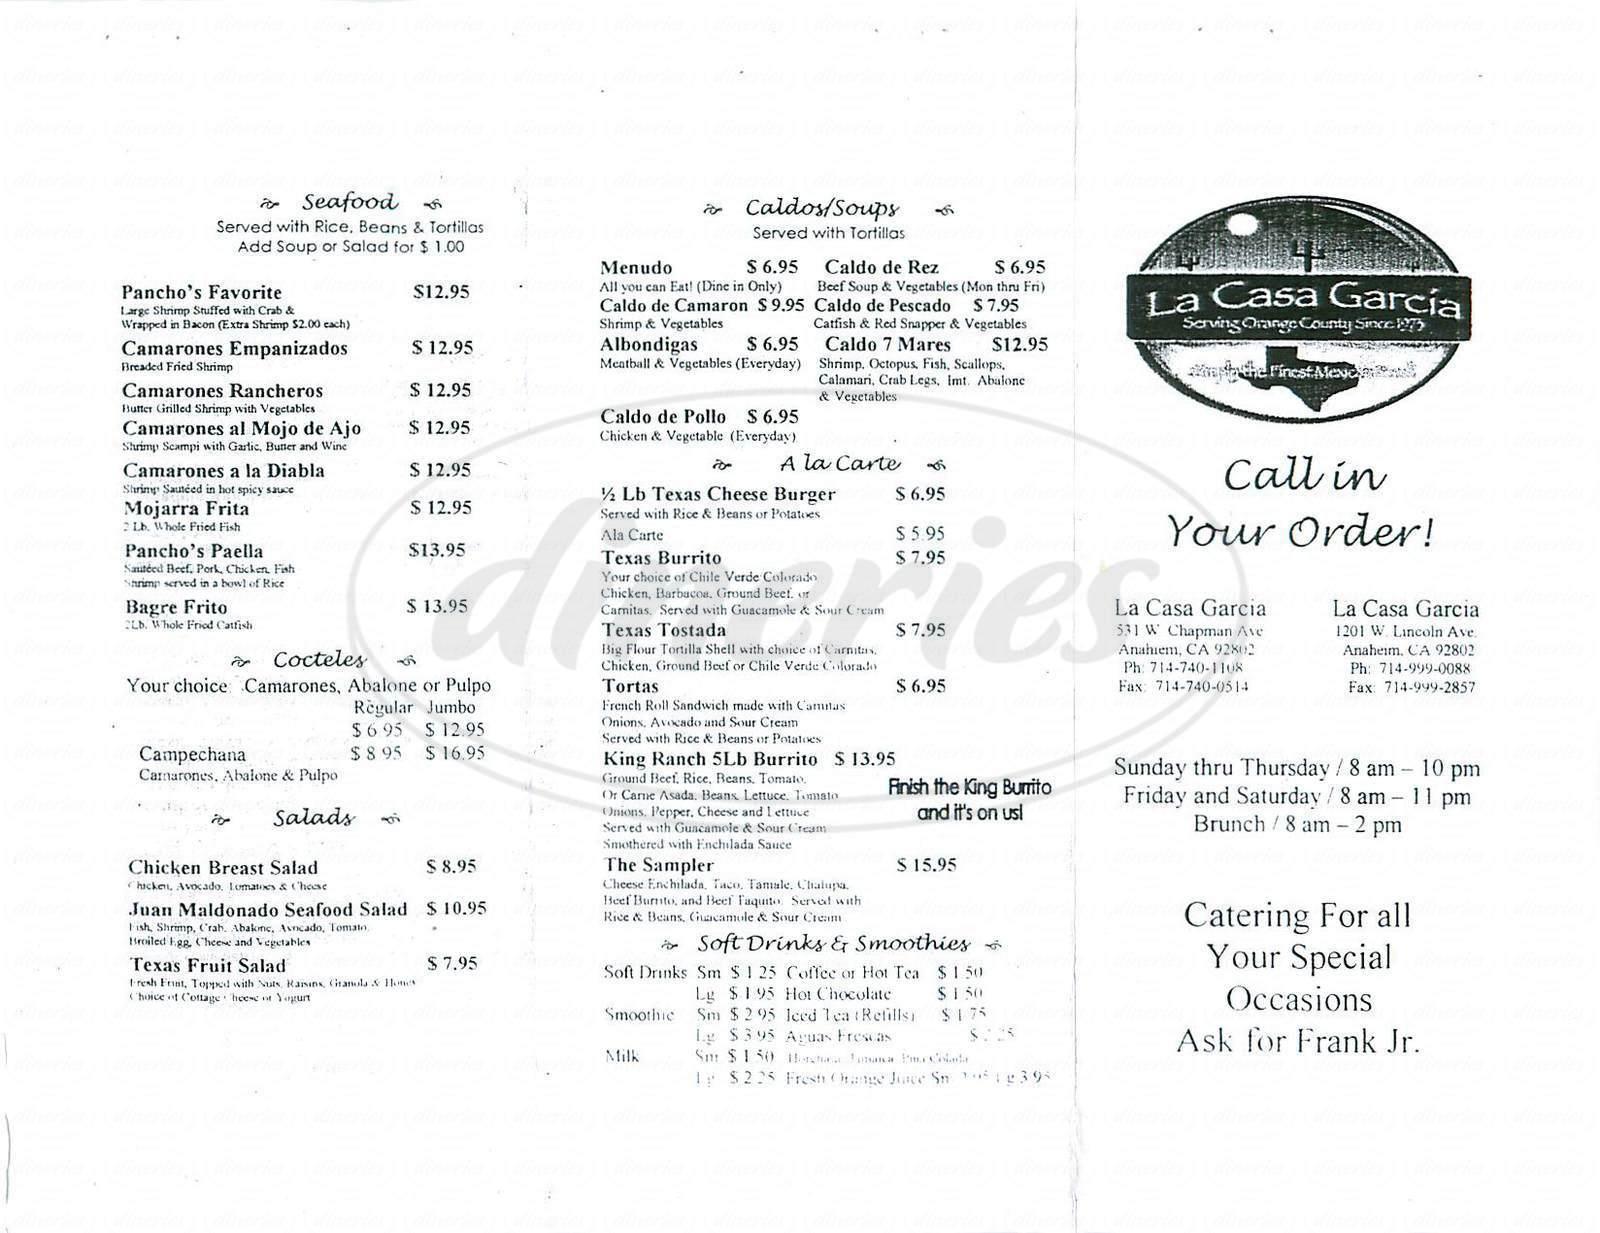 menu for La Casa Garcia